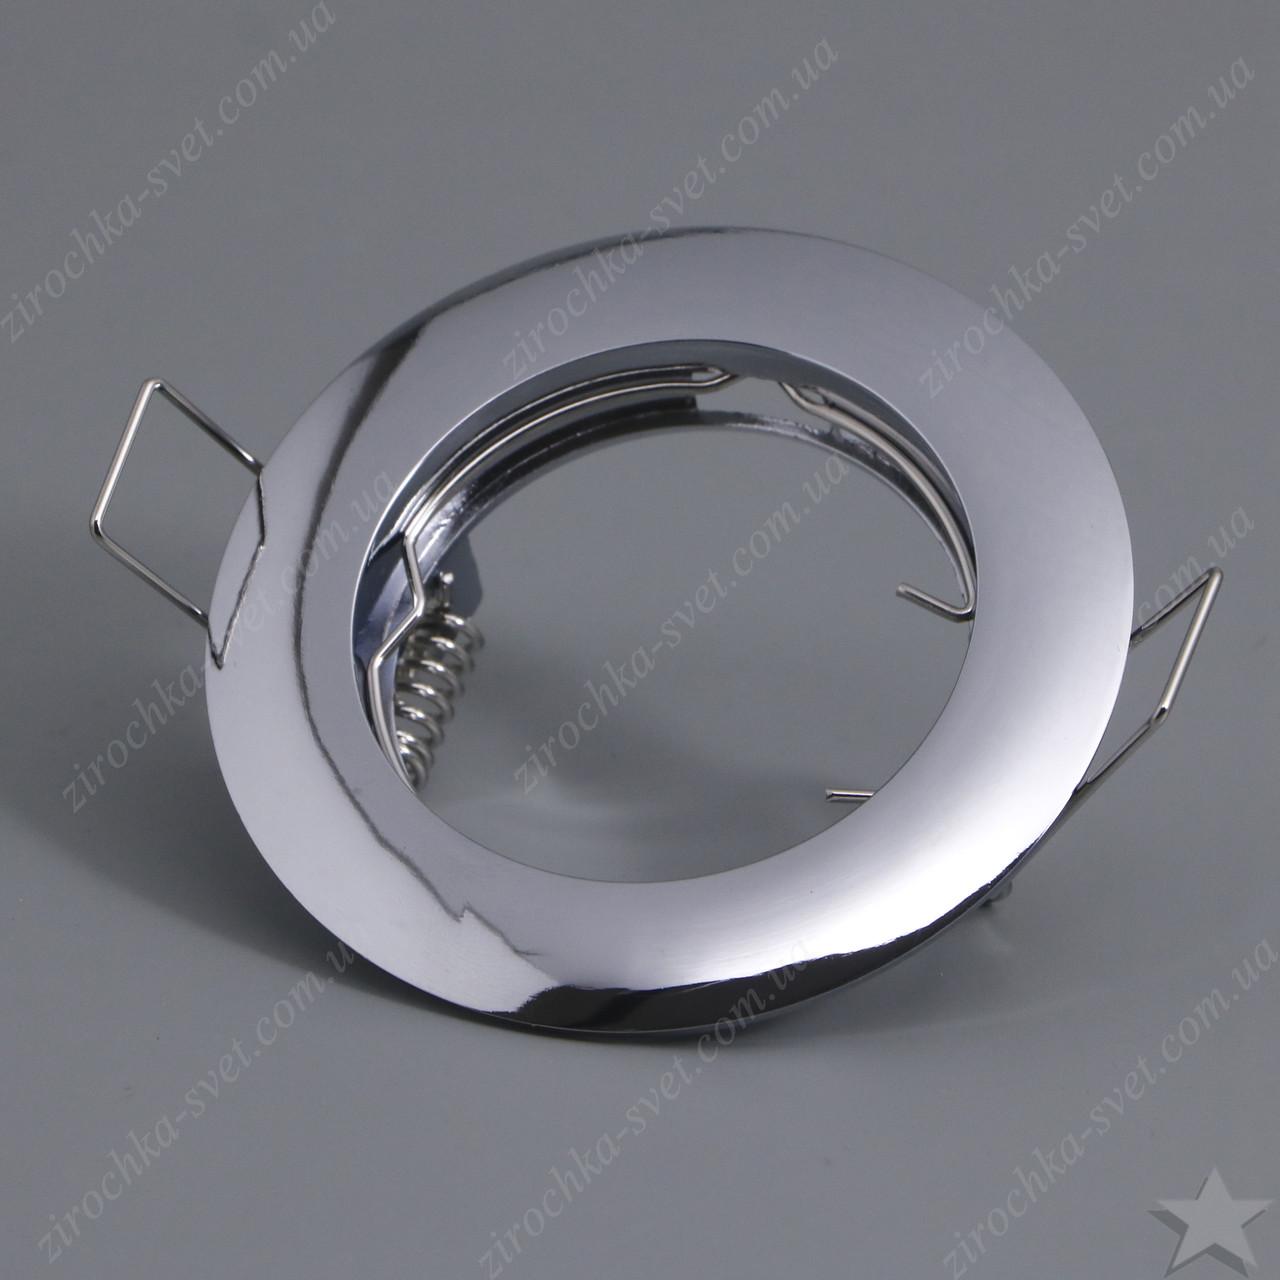 Светильник встраиваемый Feron DL307 хром под лампу MR16